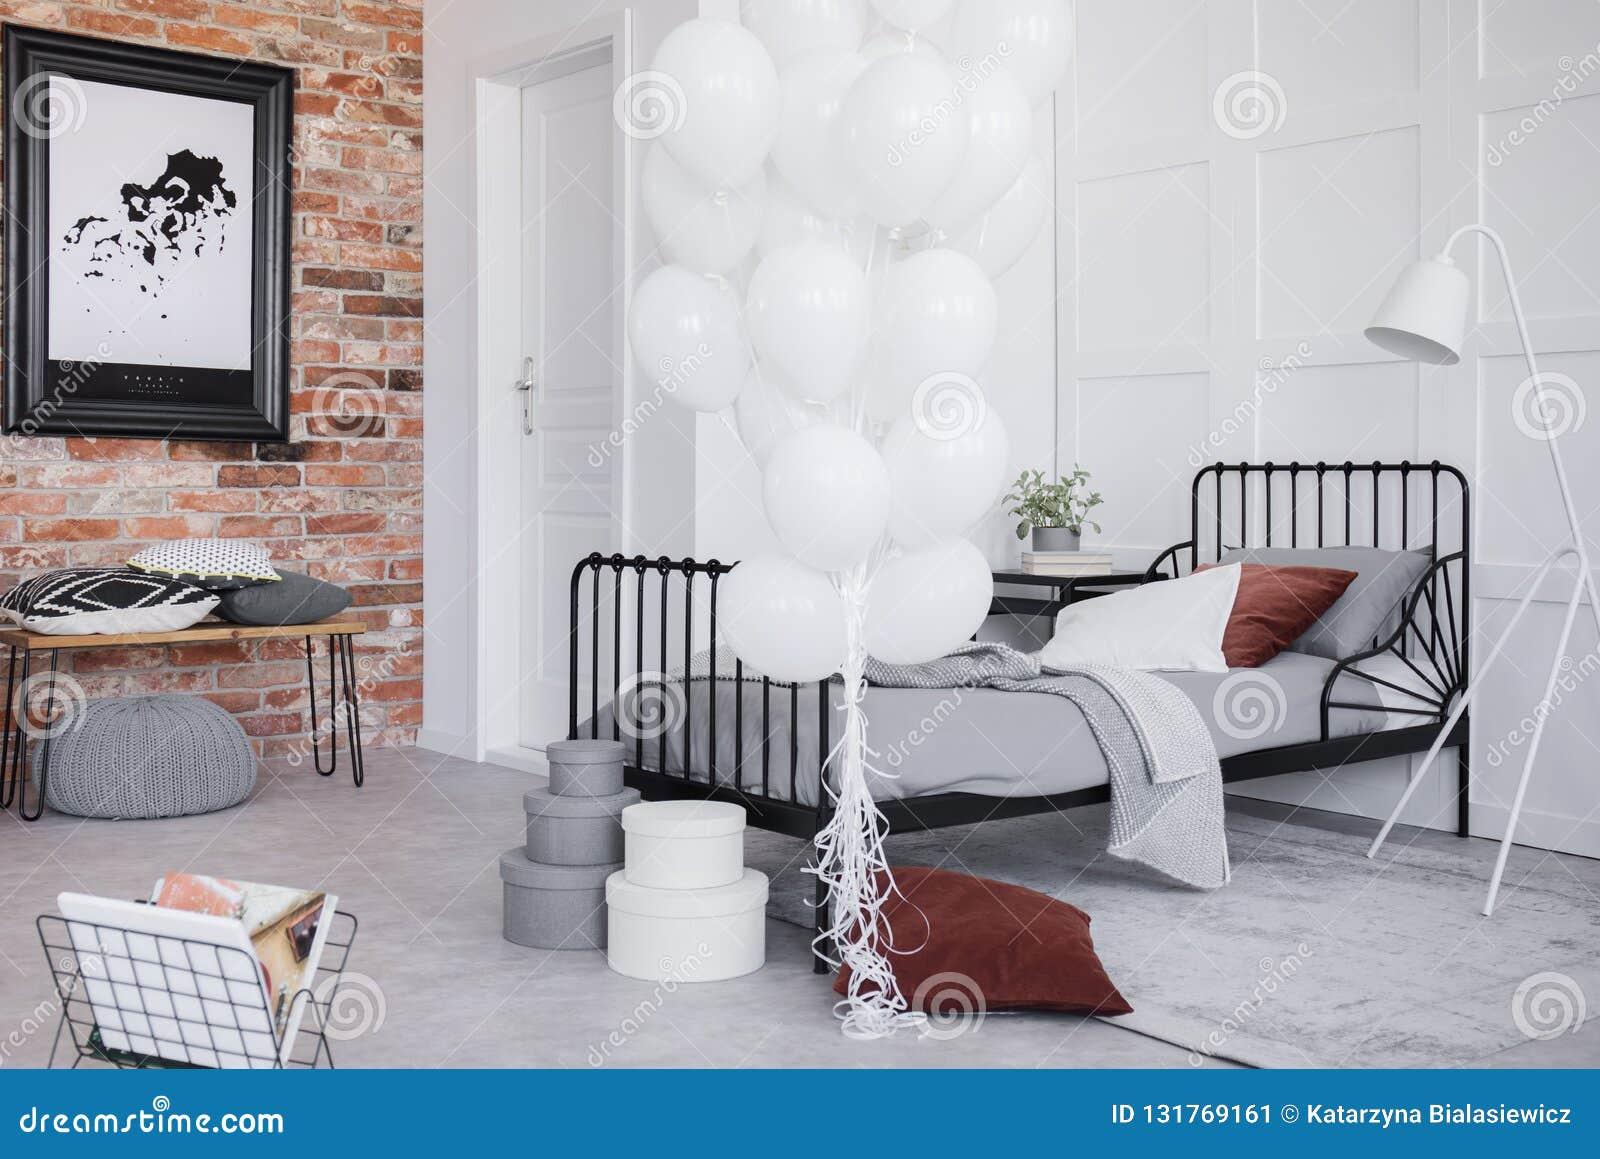 Sypialni wnętrze z popielatą pościelą, wiązka biel balony i czerni rama na ścianie z cegieł, istna fotografia